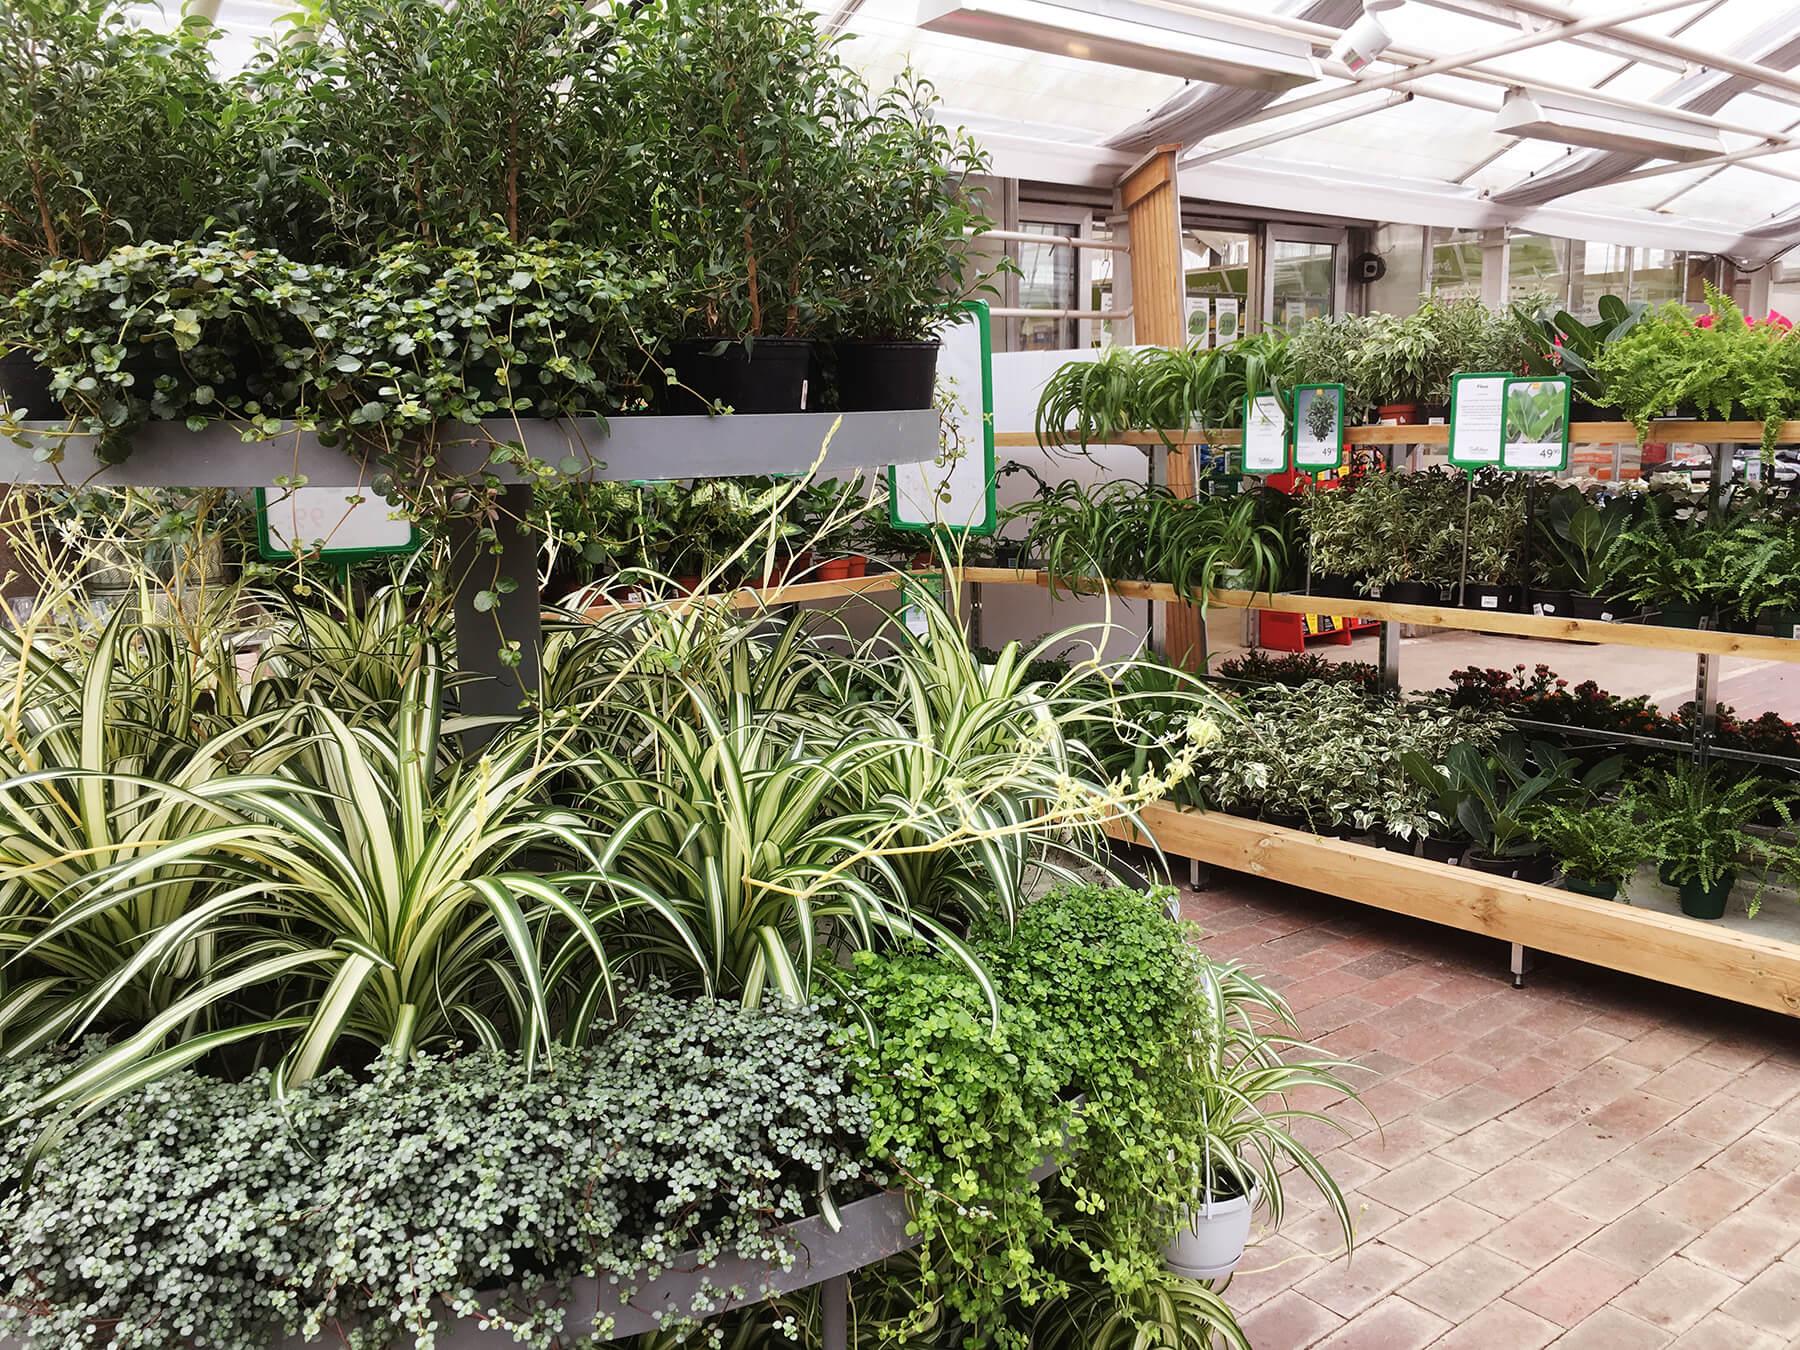 Frodiga gröna krukväxter på Sollidens handelsträdgård i Hunnebostrand.